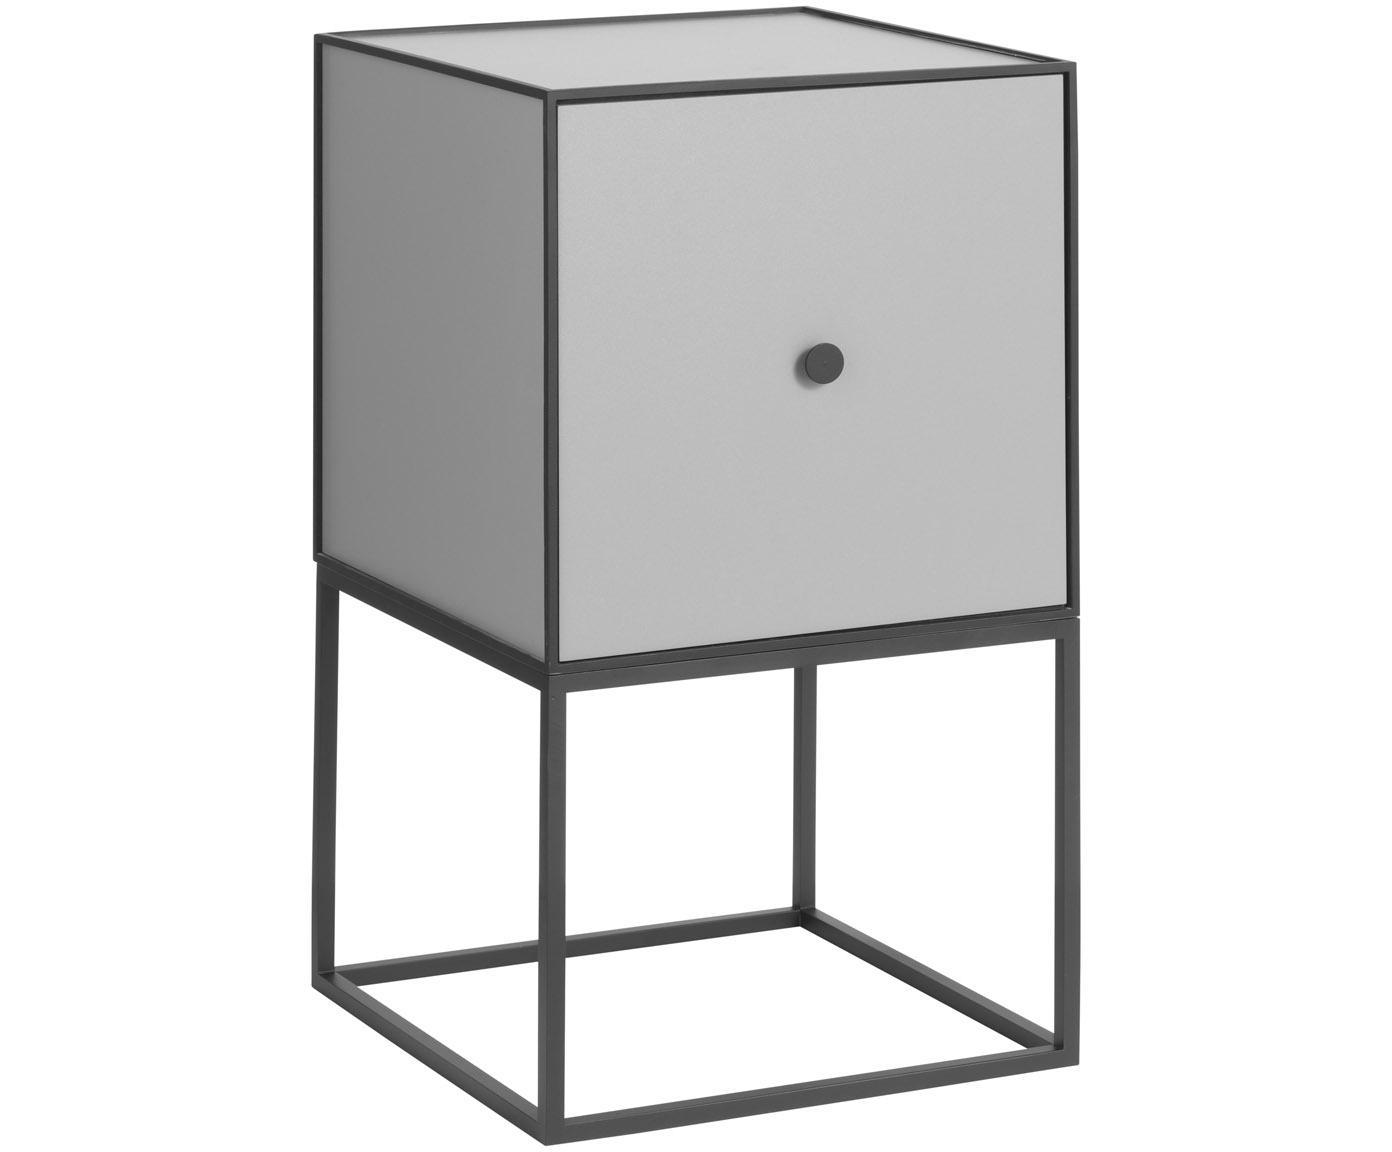 Mesilla de noche de diseño Frame, Cuerpo: tablero de fibras de dens, Estructura y marco: negro Cuerpo: gris oscuro, An 35 x Al 63 cm